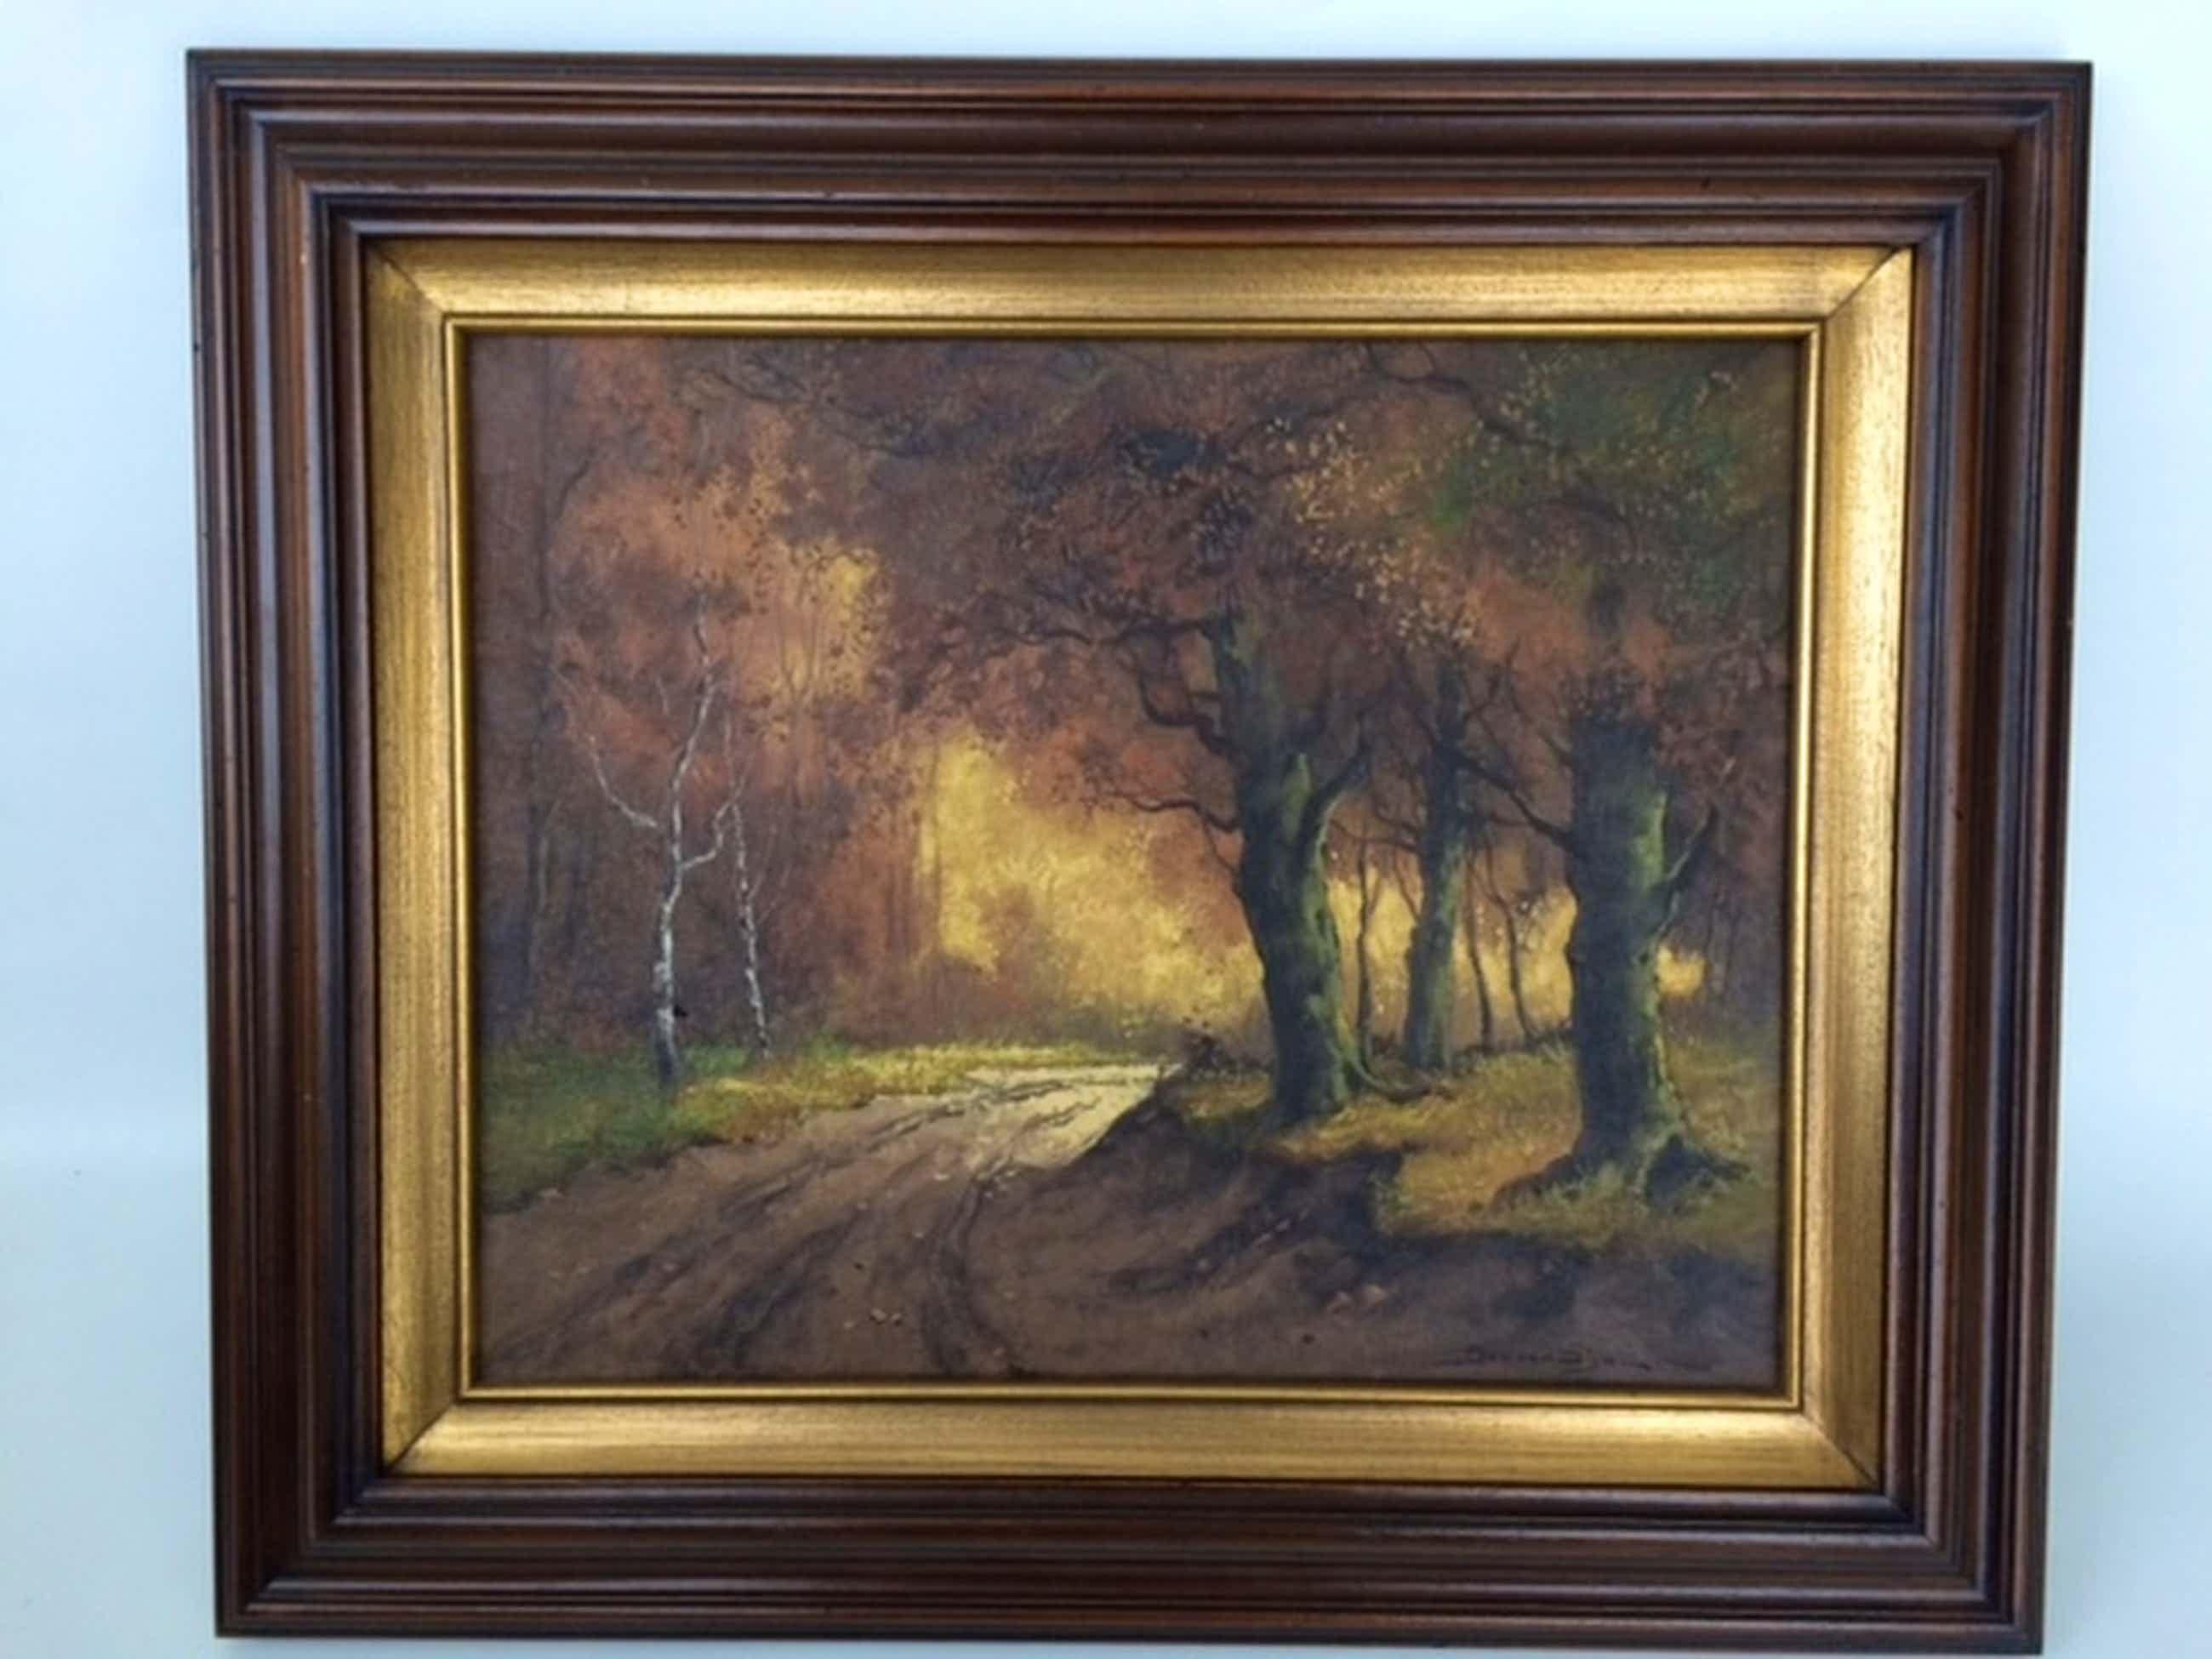 Jos van Dijk (1913 - 2000) - Landschap  kopen? Bied vanaf 80!